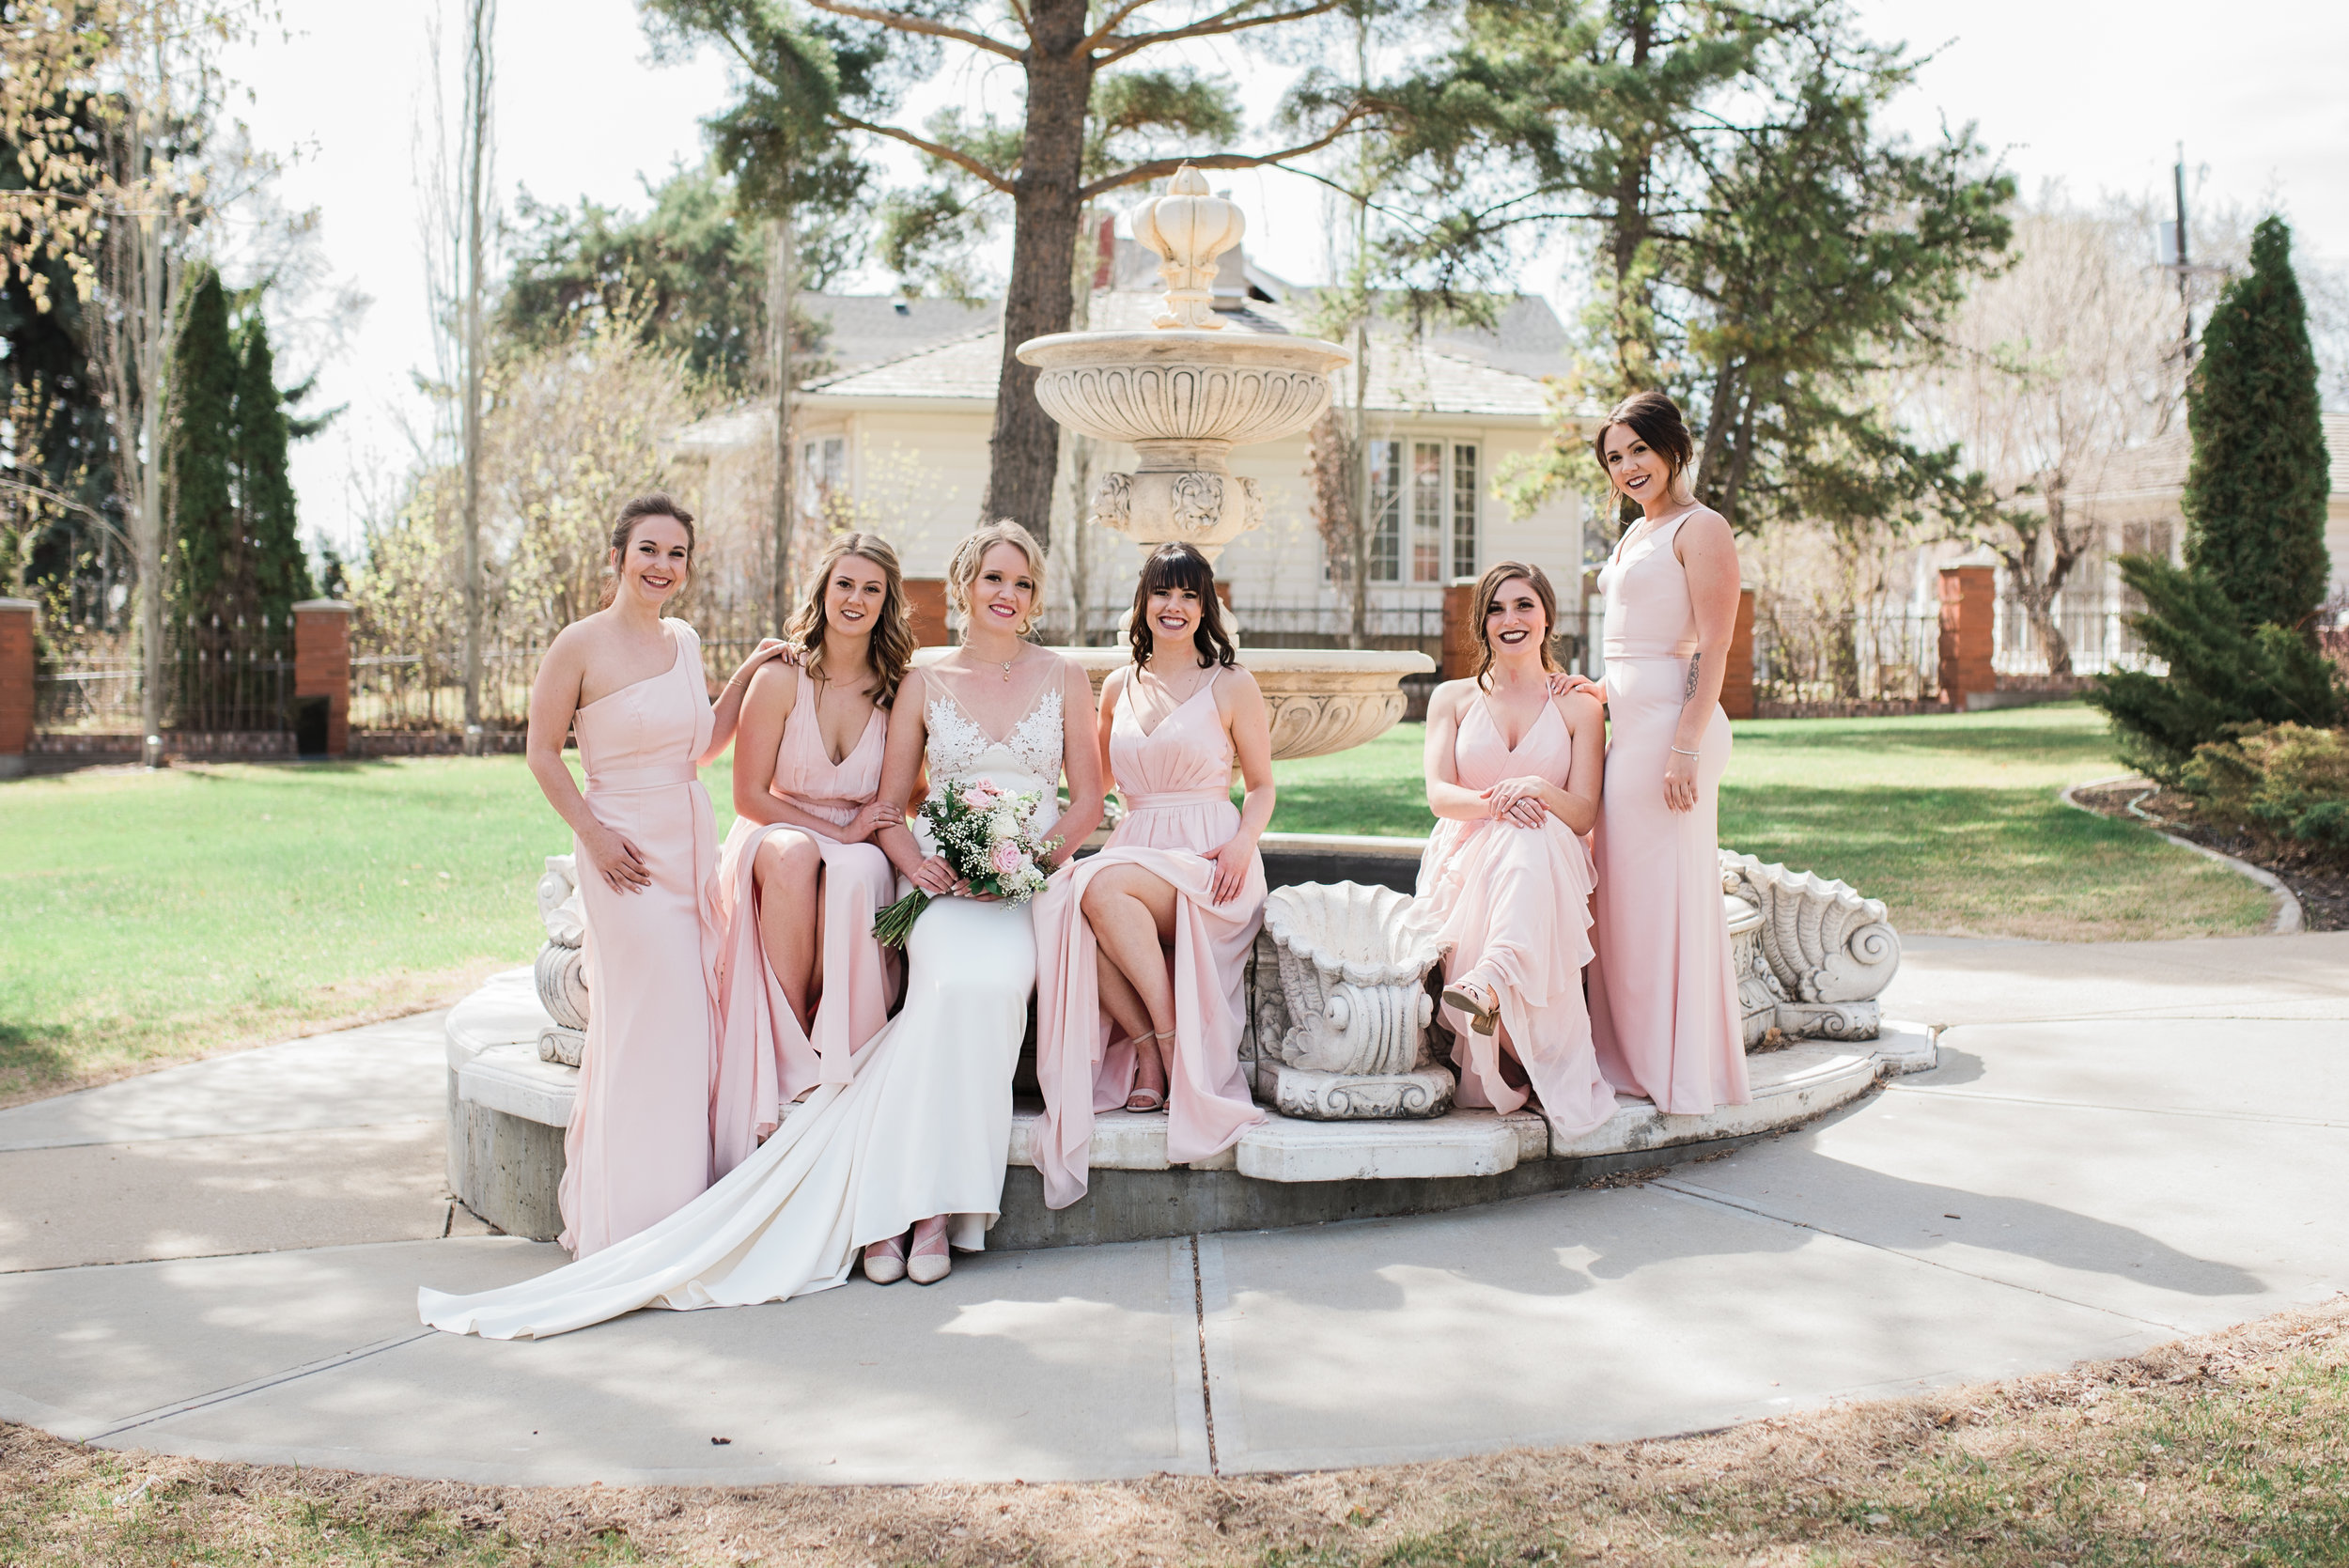 Ali Samantha Wedding 686-Edit.jpg